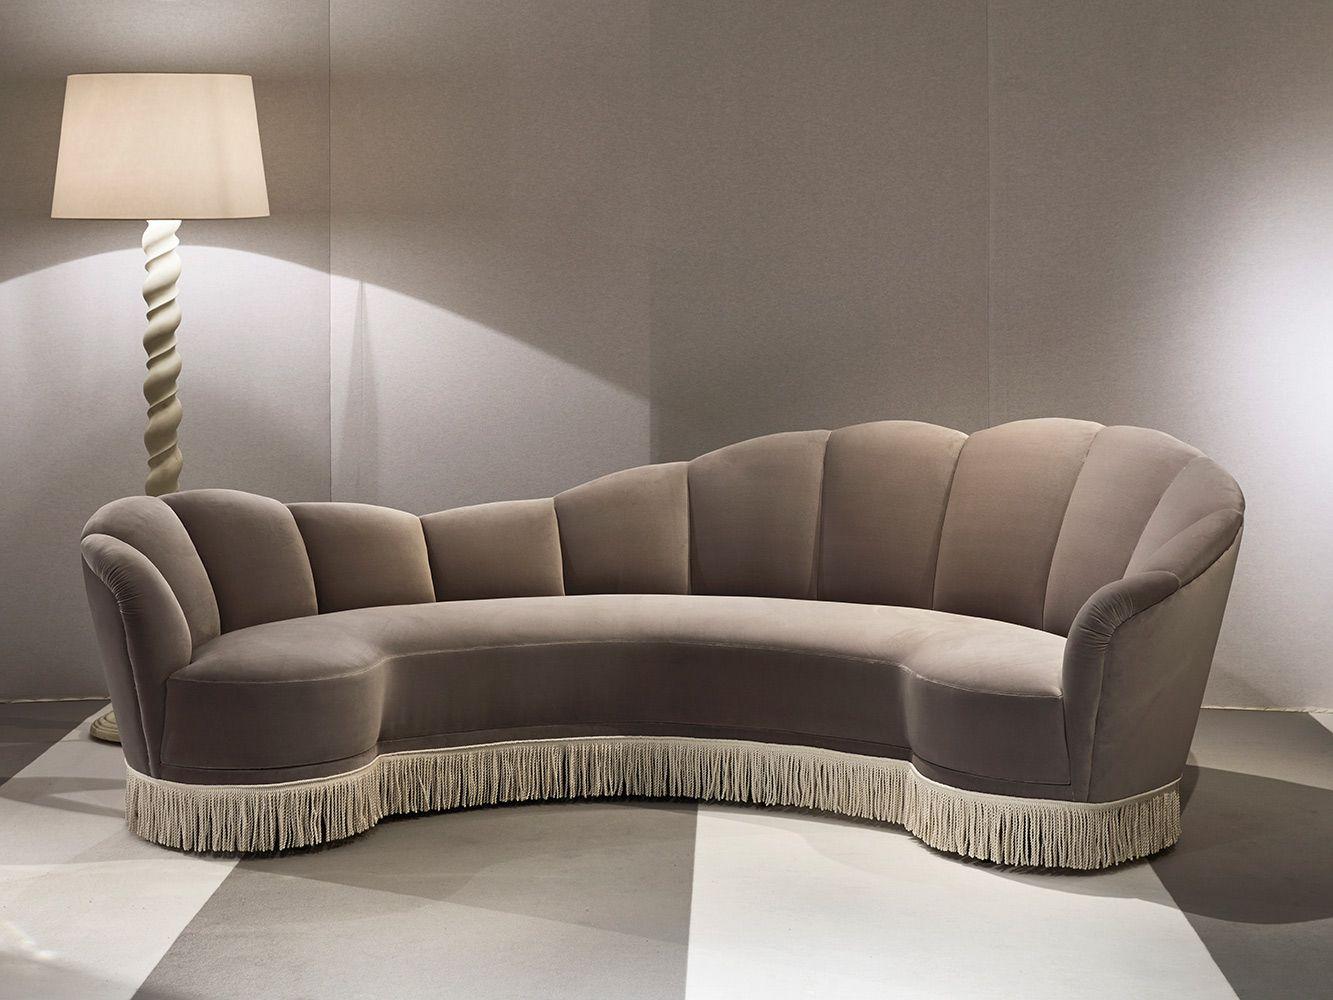 Travail Italien Canape Furniture Top Furniture Post Modern Furniture